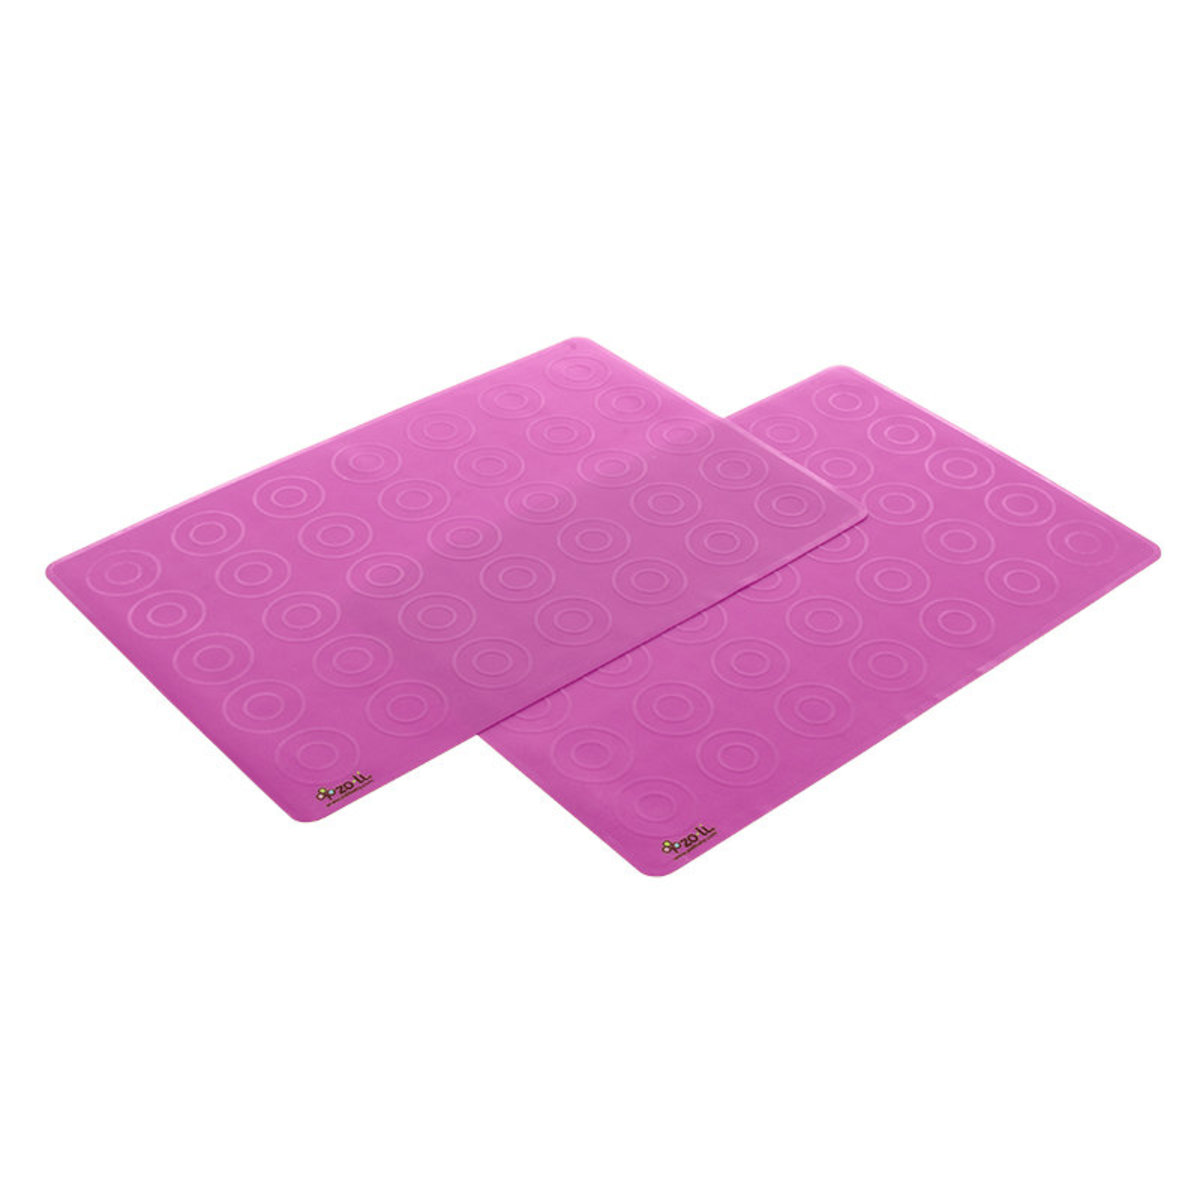 Matties 硅膠餐墊 (2個裝) (粉紅色)